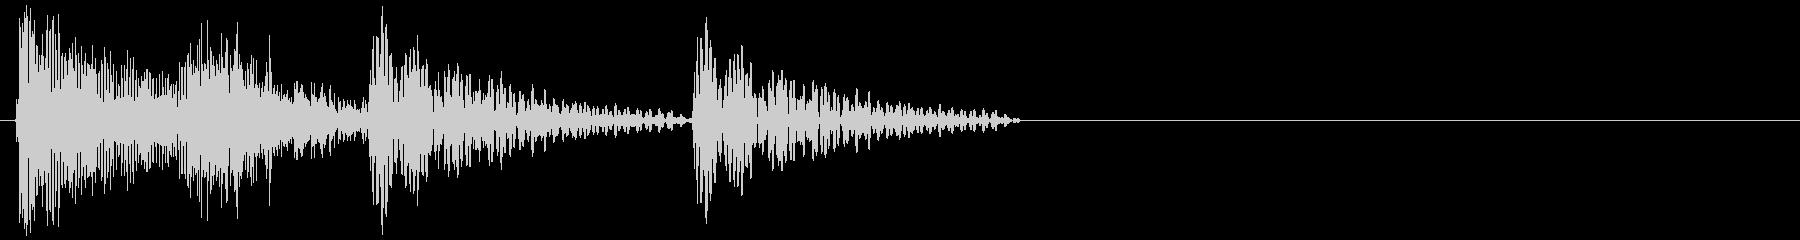 ピチャココ(進行・小休憩・アクセント)の未再生の波形